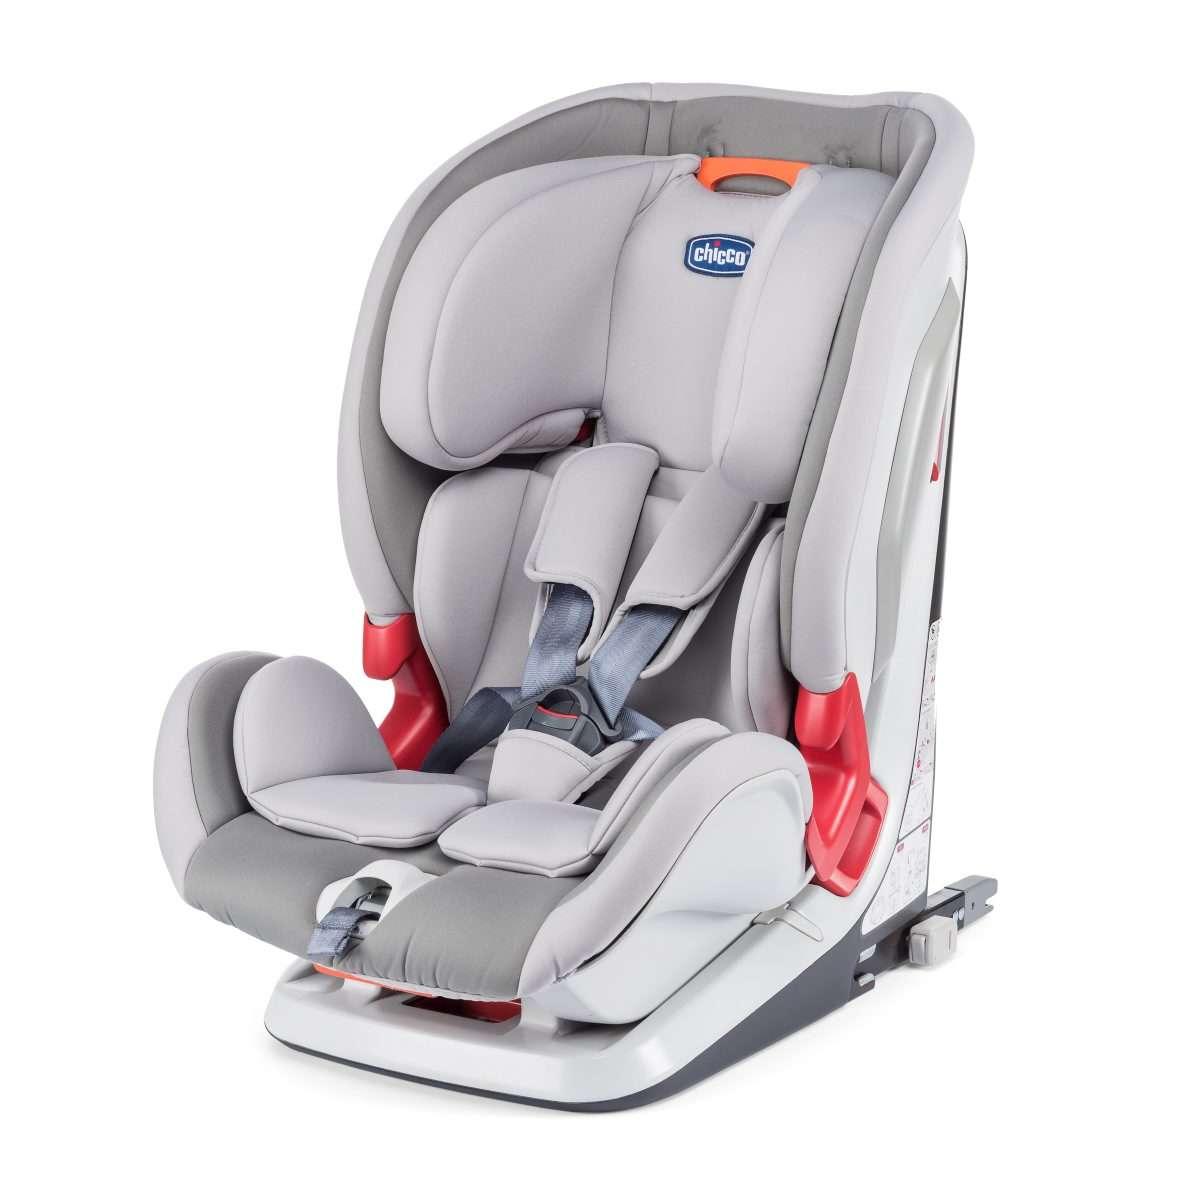 Rent car seat Catanzaro